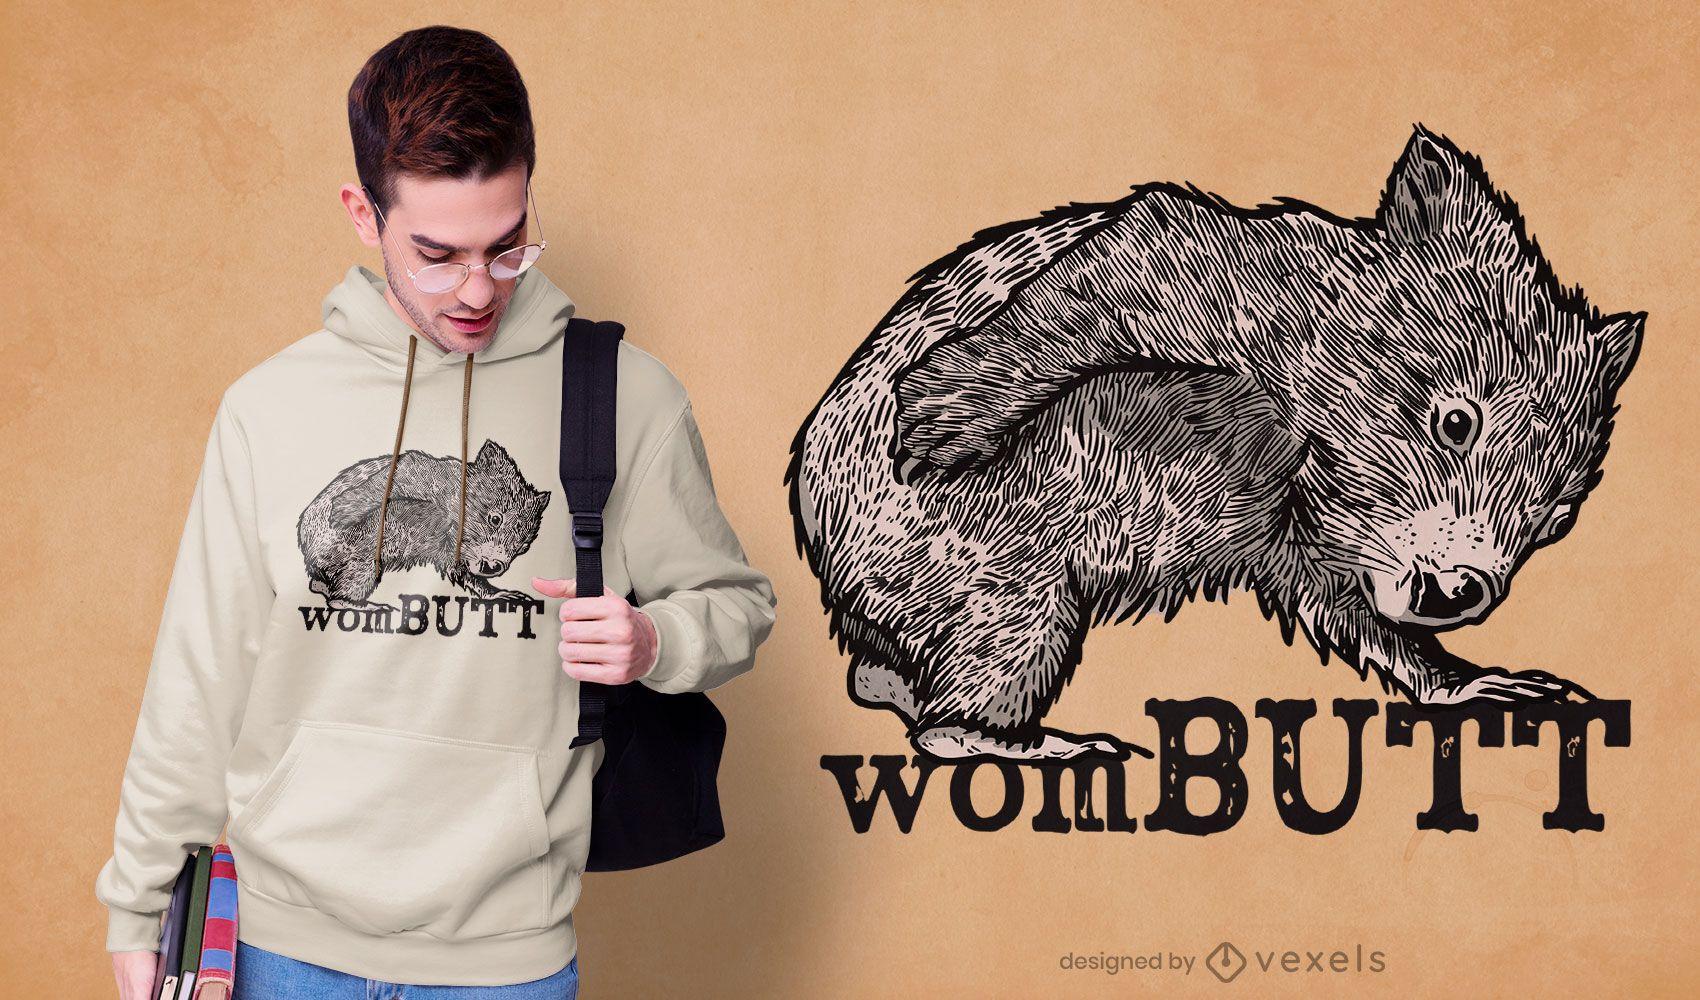 Wombat funny pun t-shirt design